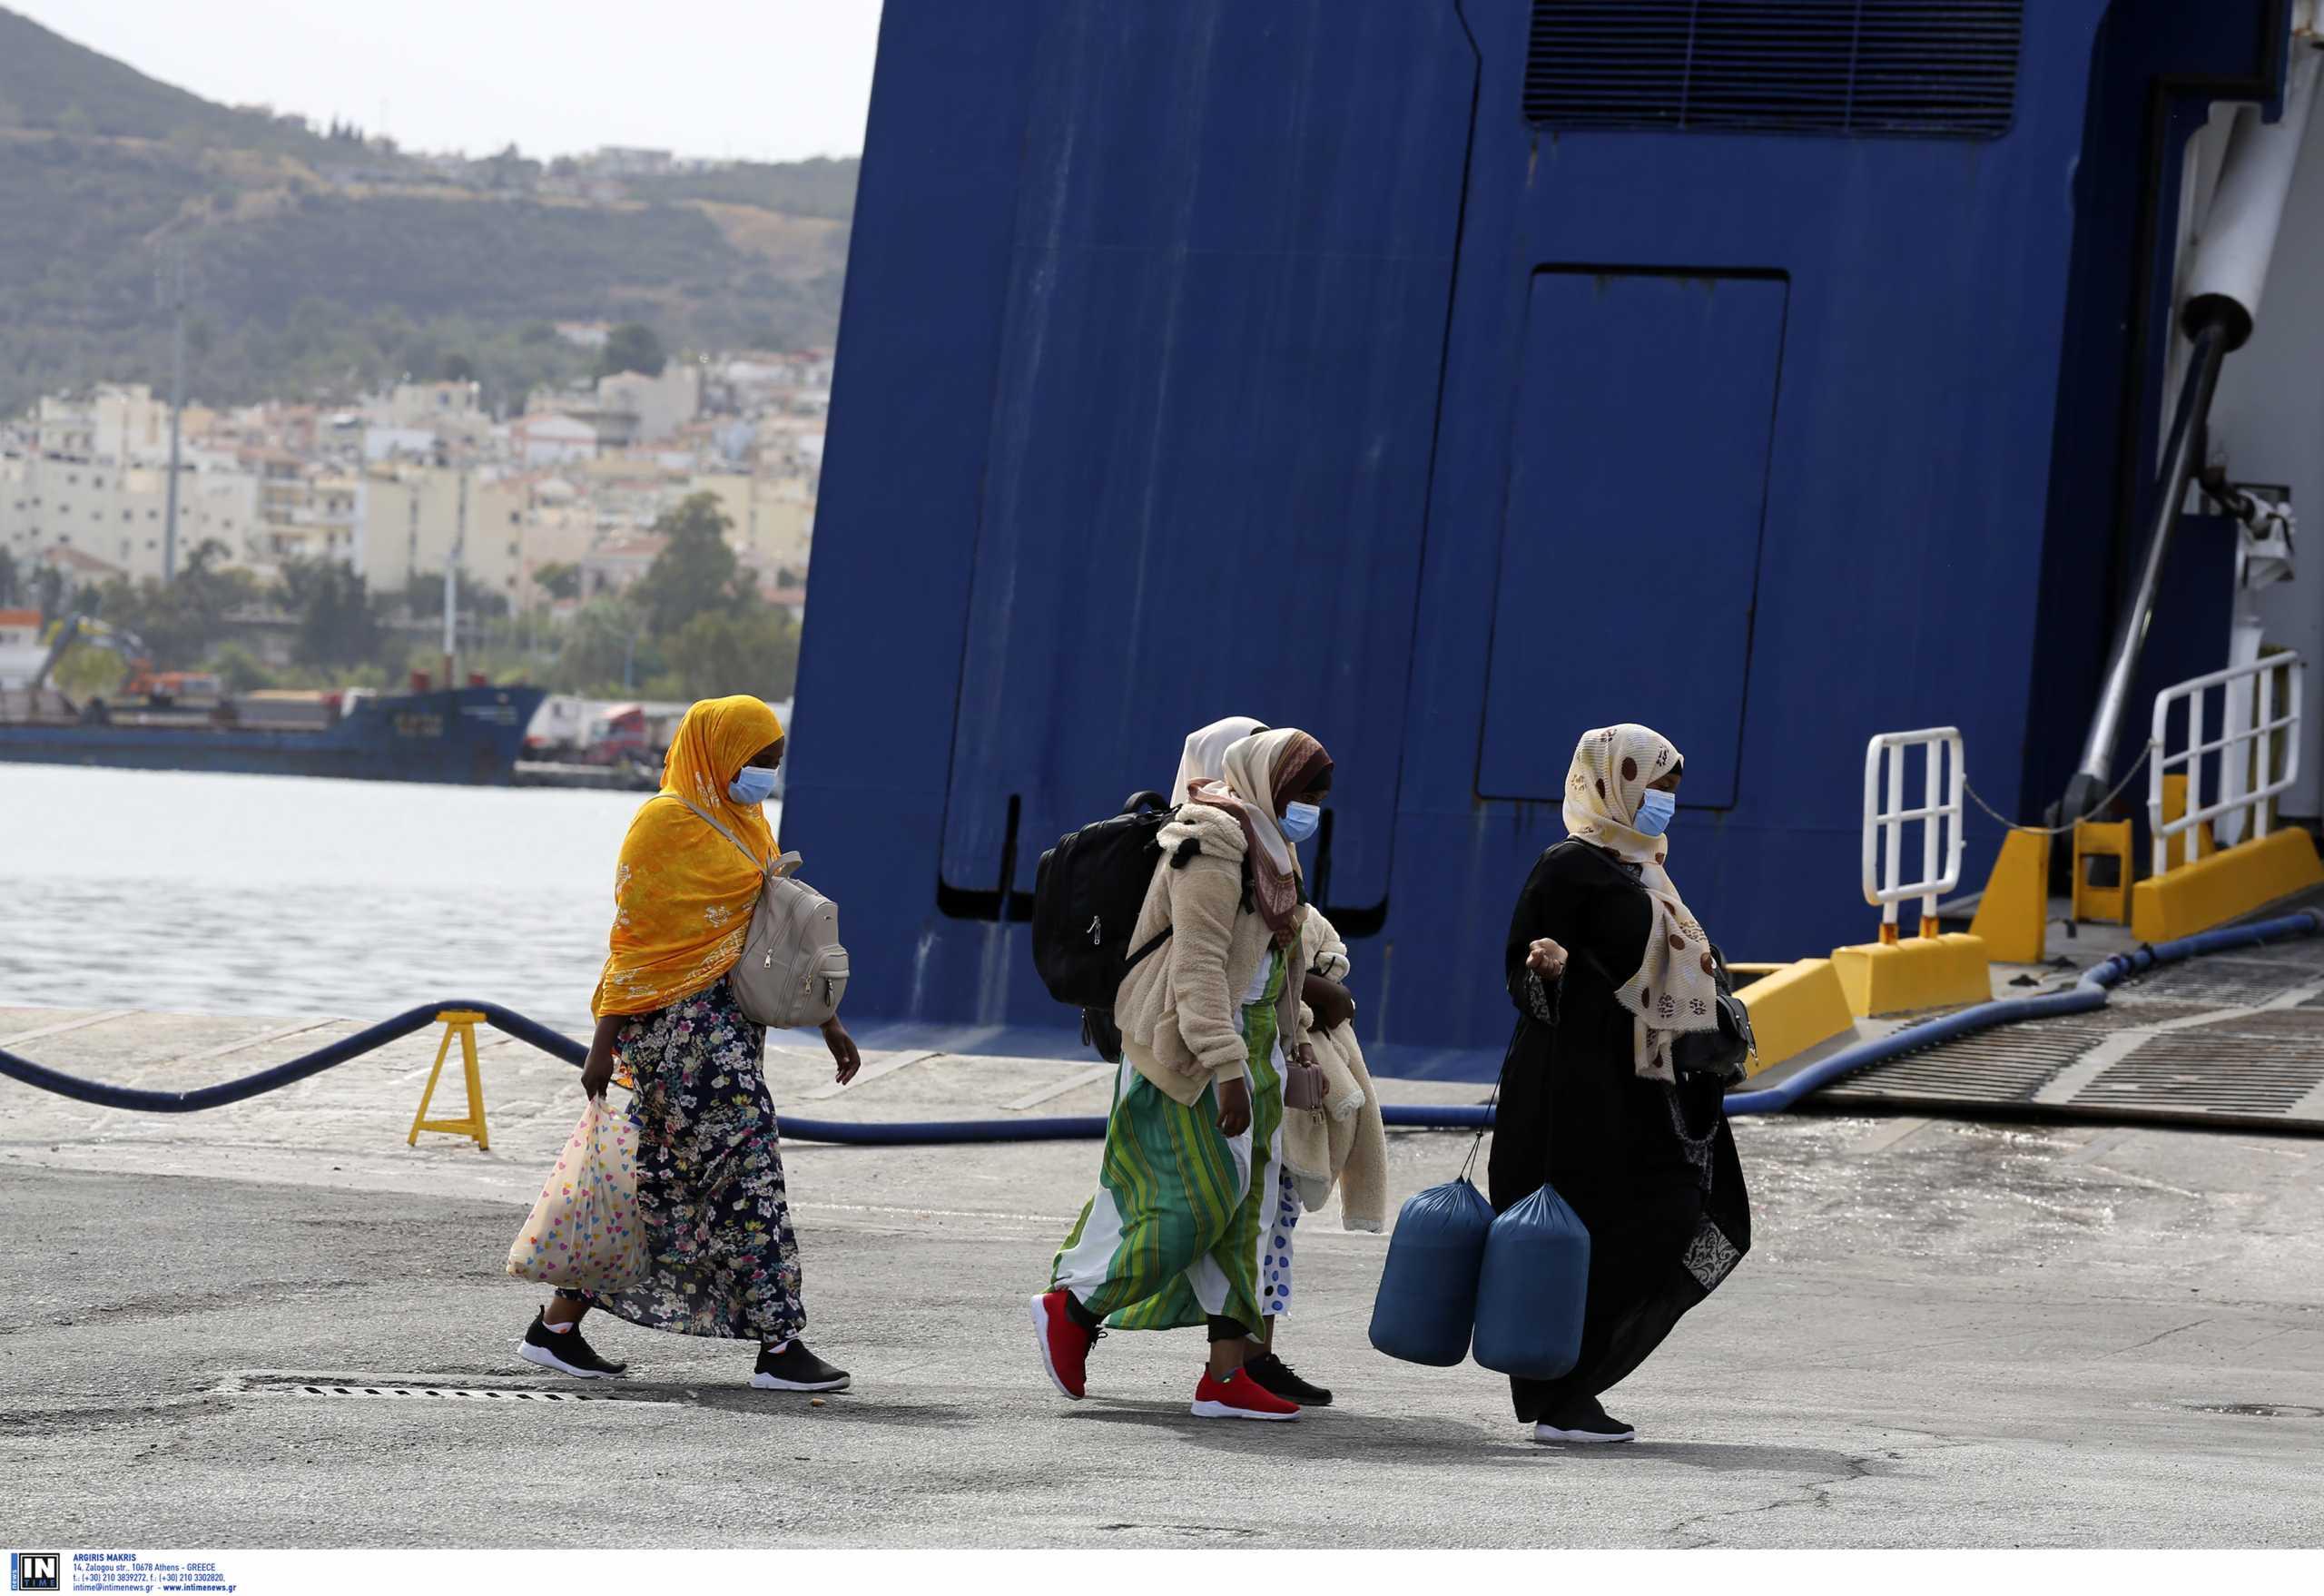 Μυτιλήνη: Πάνω από 1.100 πρόσφυγες αναχώρησαν το τελευταίο 20μερο